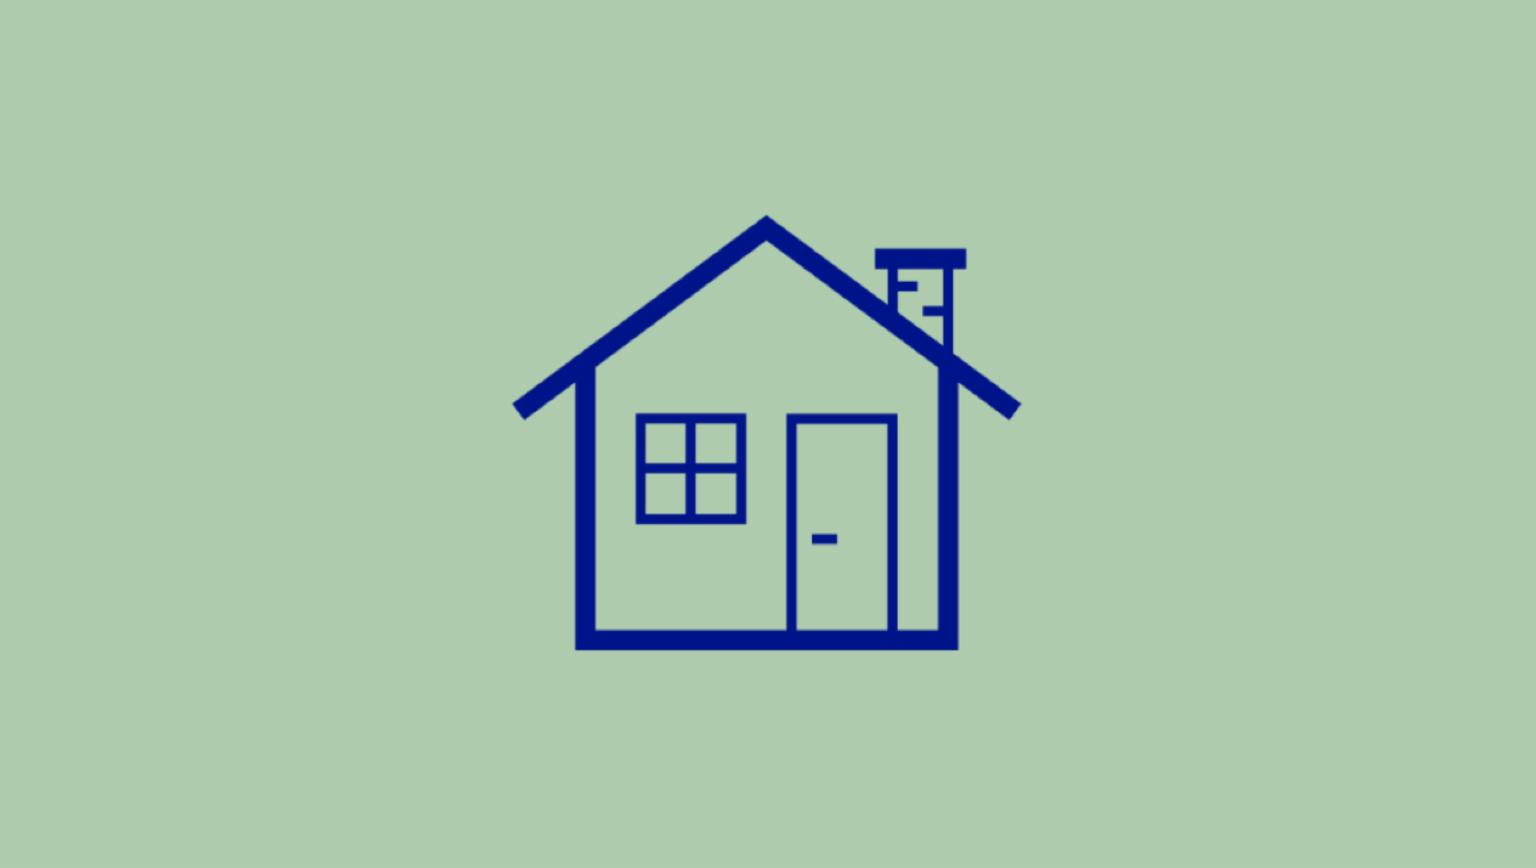 Illustration av ett hus som symboliserar radon i husgrund.